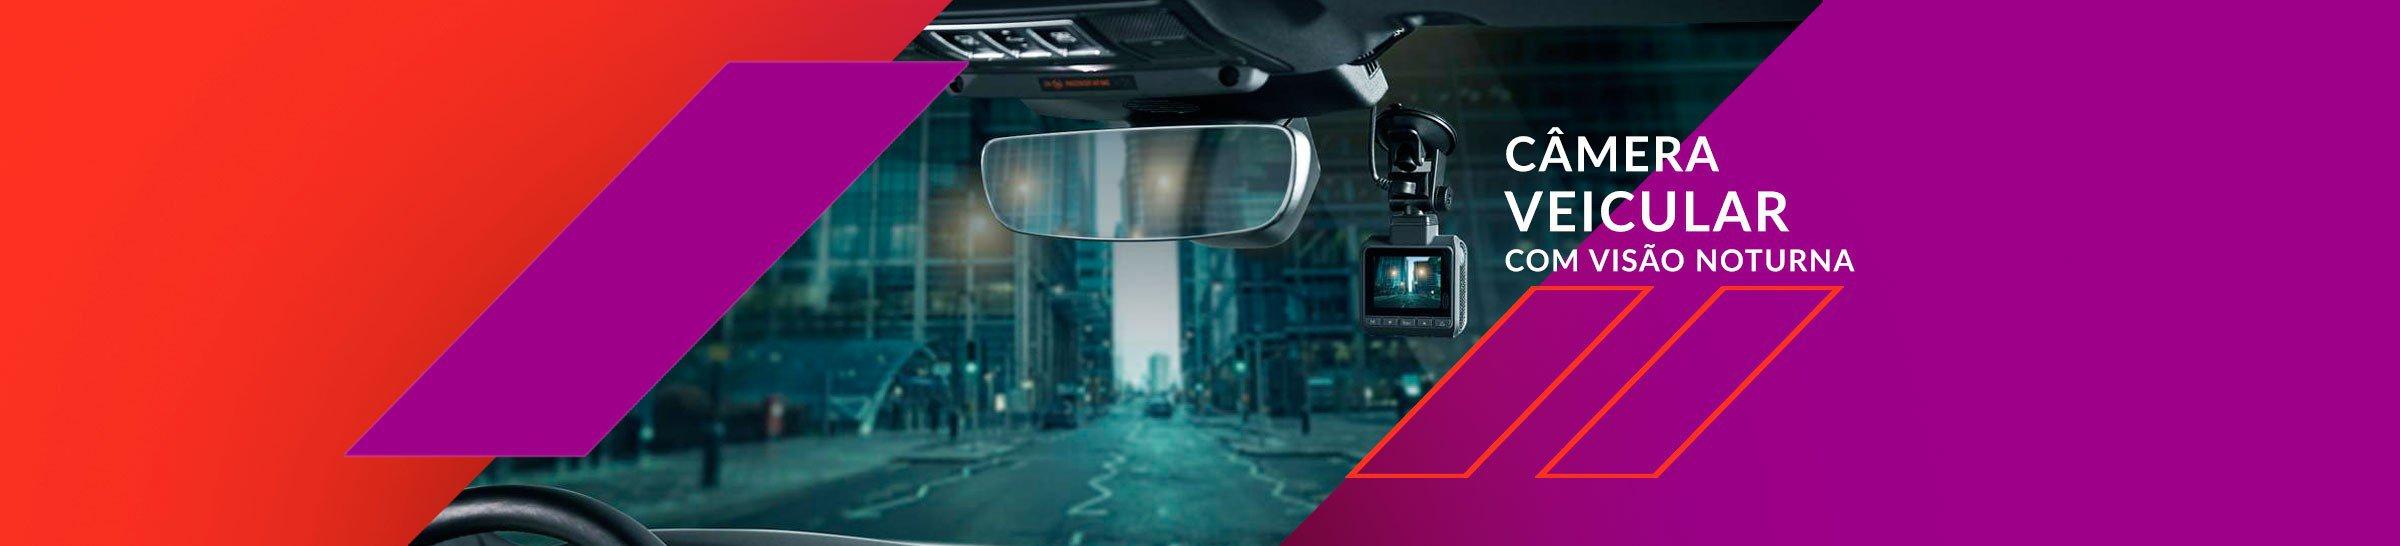 camera veicular filmadora carro automotiva filmagem estrada parabrisa